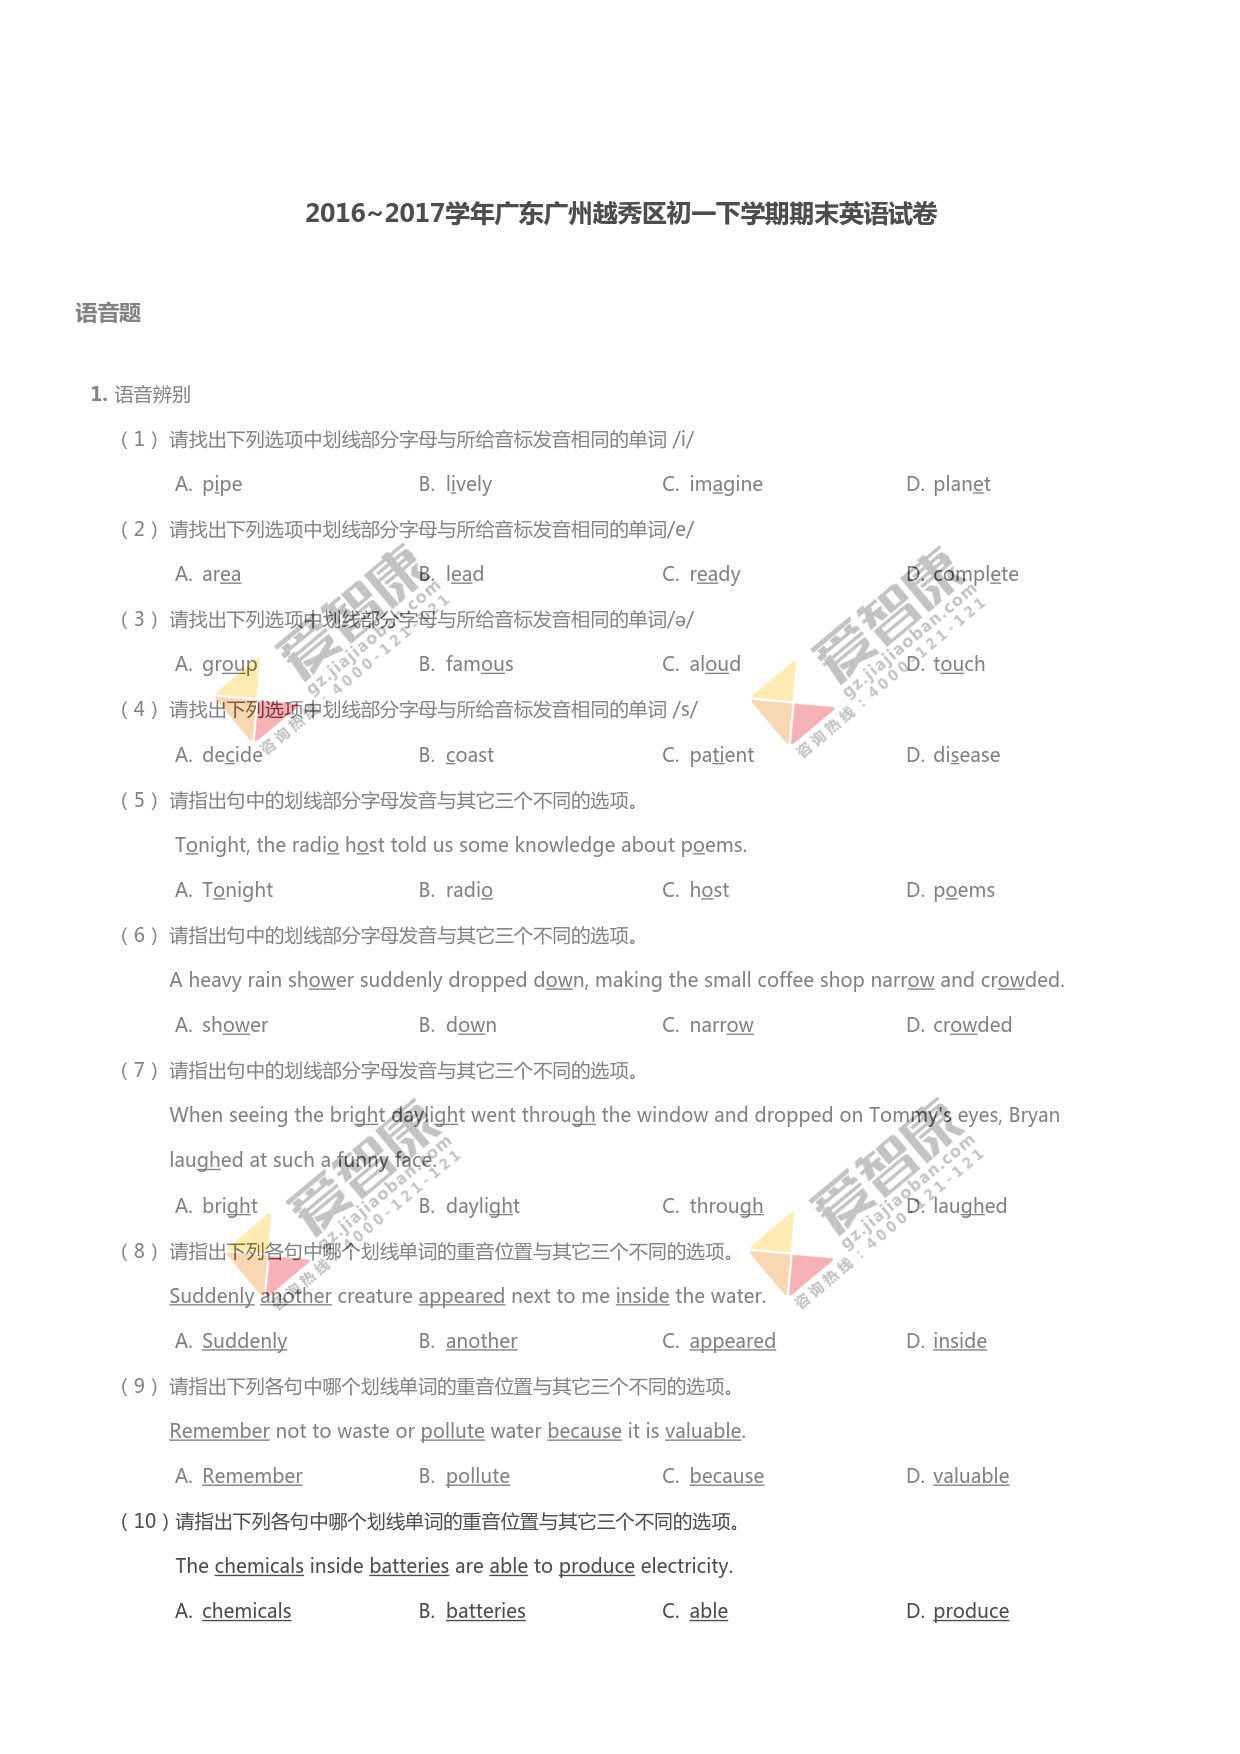 建议同学们利用复习的时间,下载2016-2017学年广州市越秀区初一下学期期末英语试卷及答案并使用练习,检验一下自己有无疏漏的知识点。